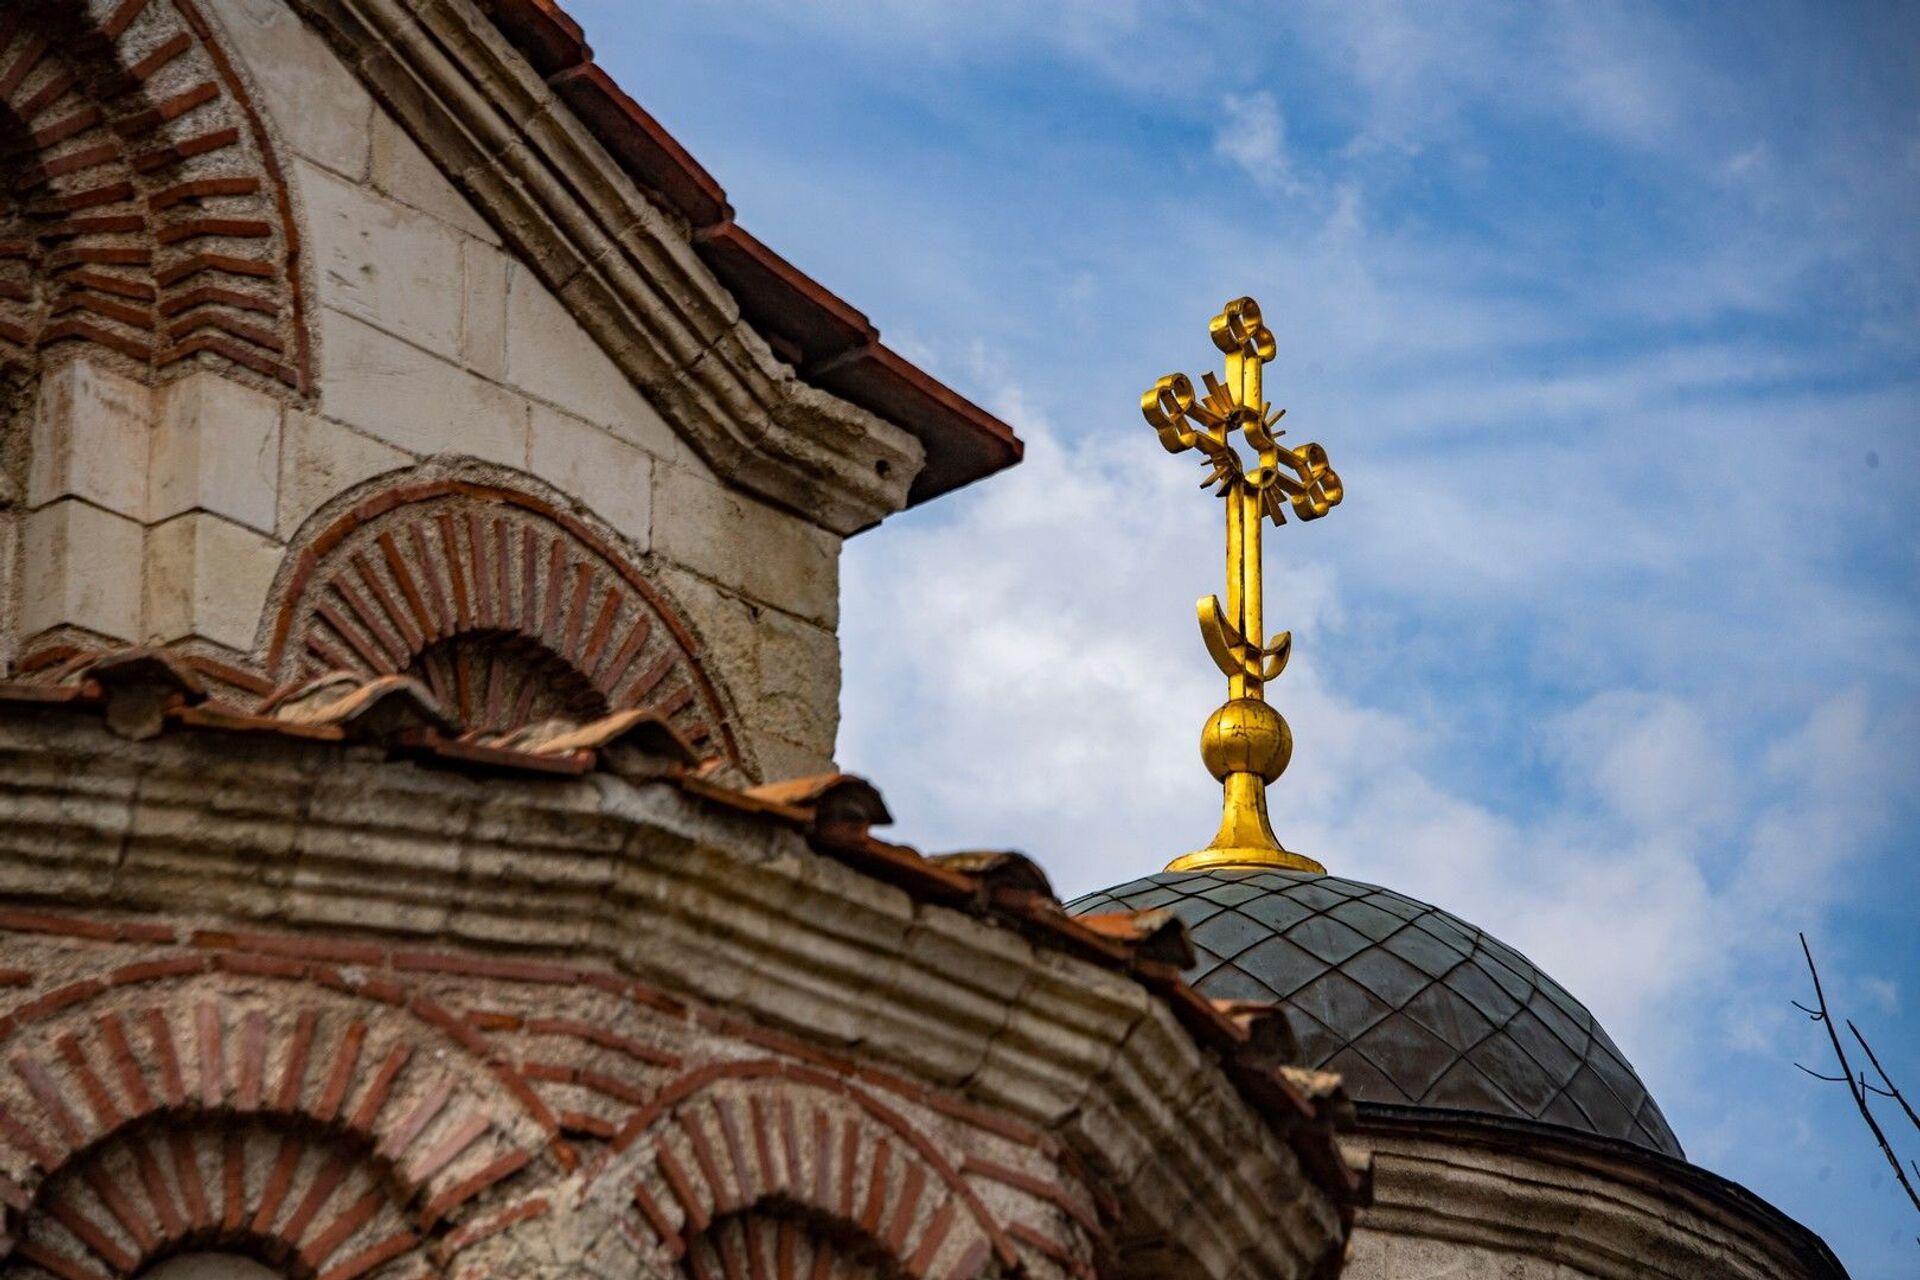 Шалманы выше куполов: в Керчи разрушается самый древний храм России - РИА Новости, 1920, 25.02.2021